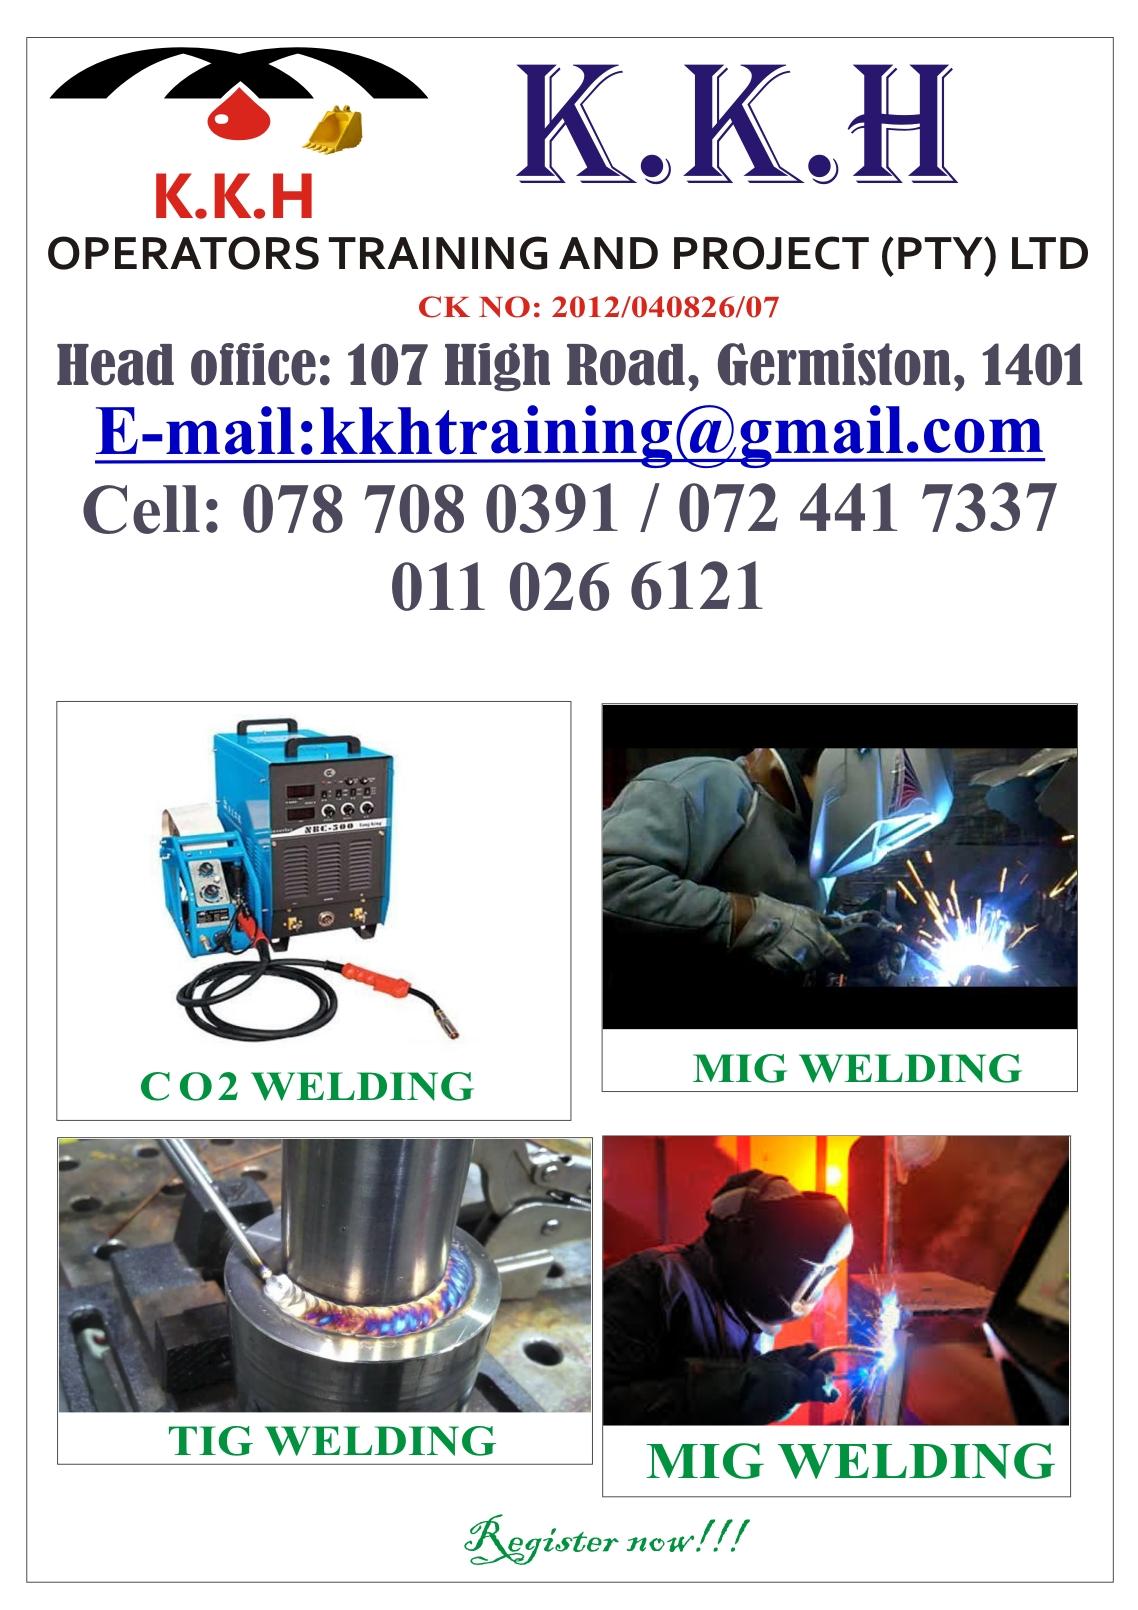 Plumbing,Welding,Boilermaker,Grader,Excavator,Mobile Crane,Stick Welding Training Call 0787080391